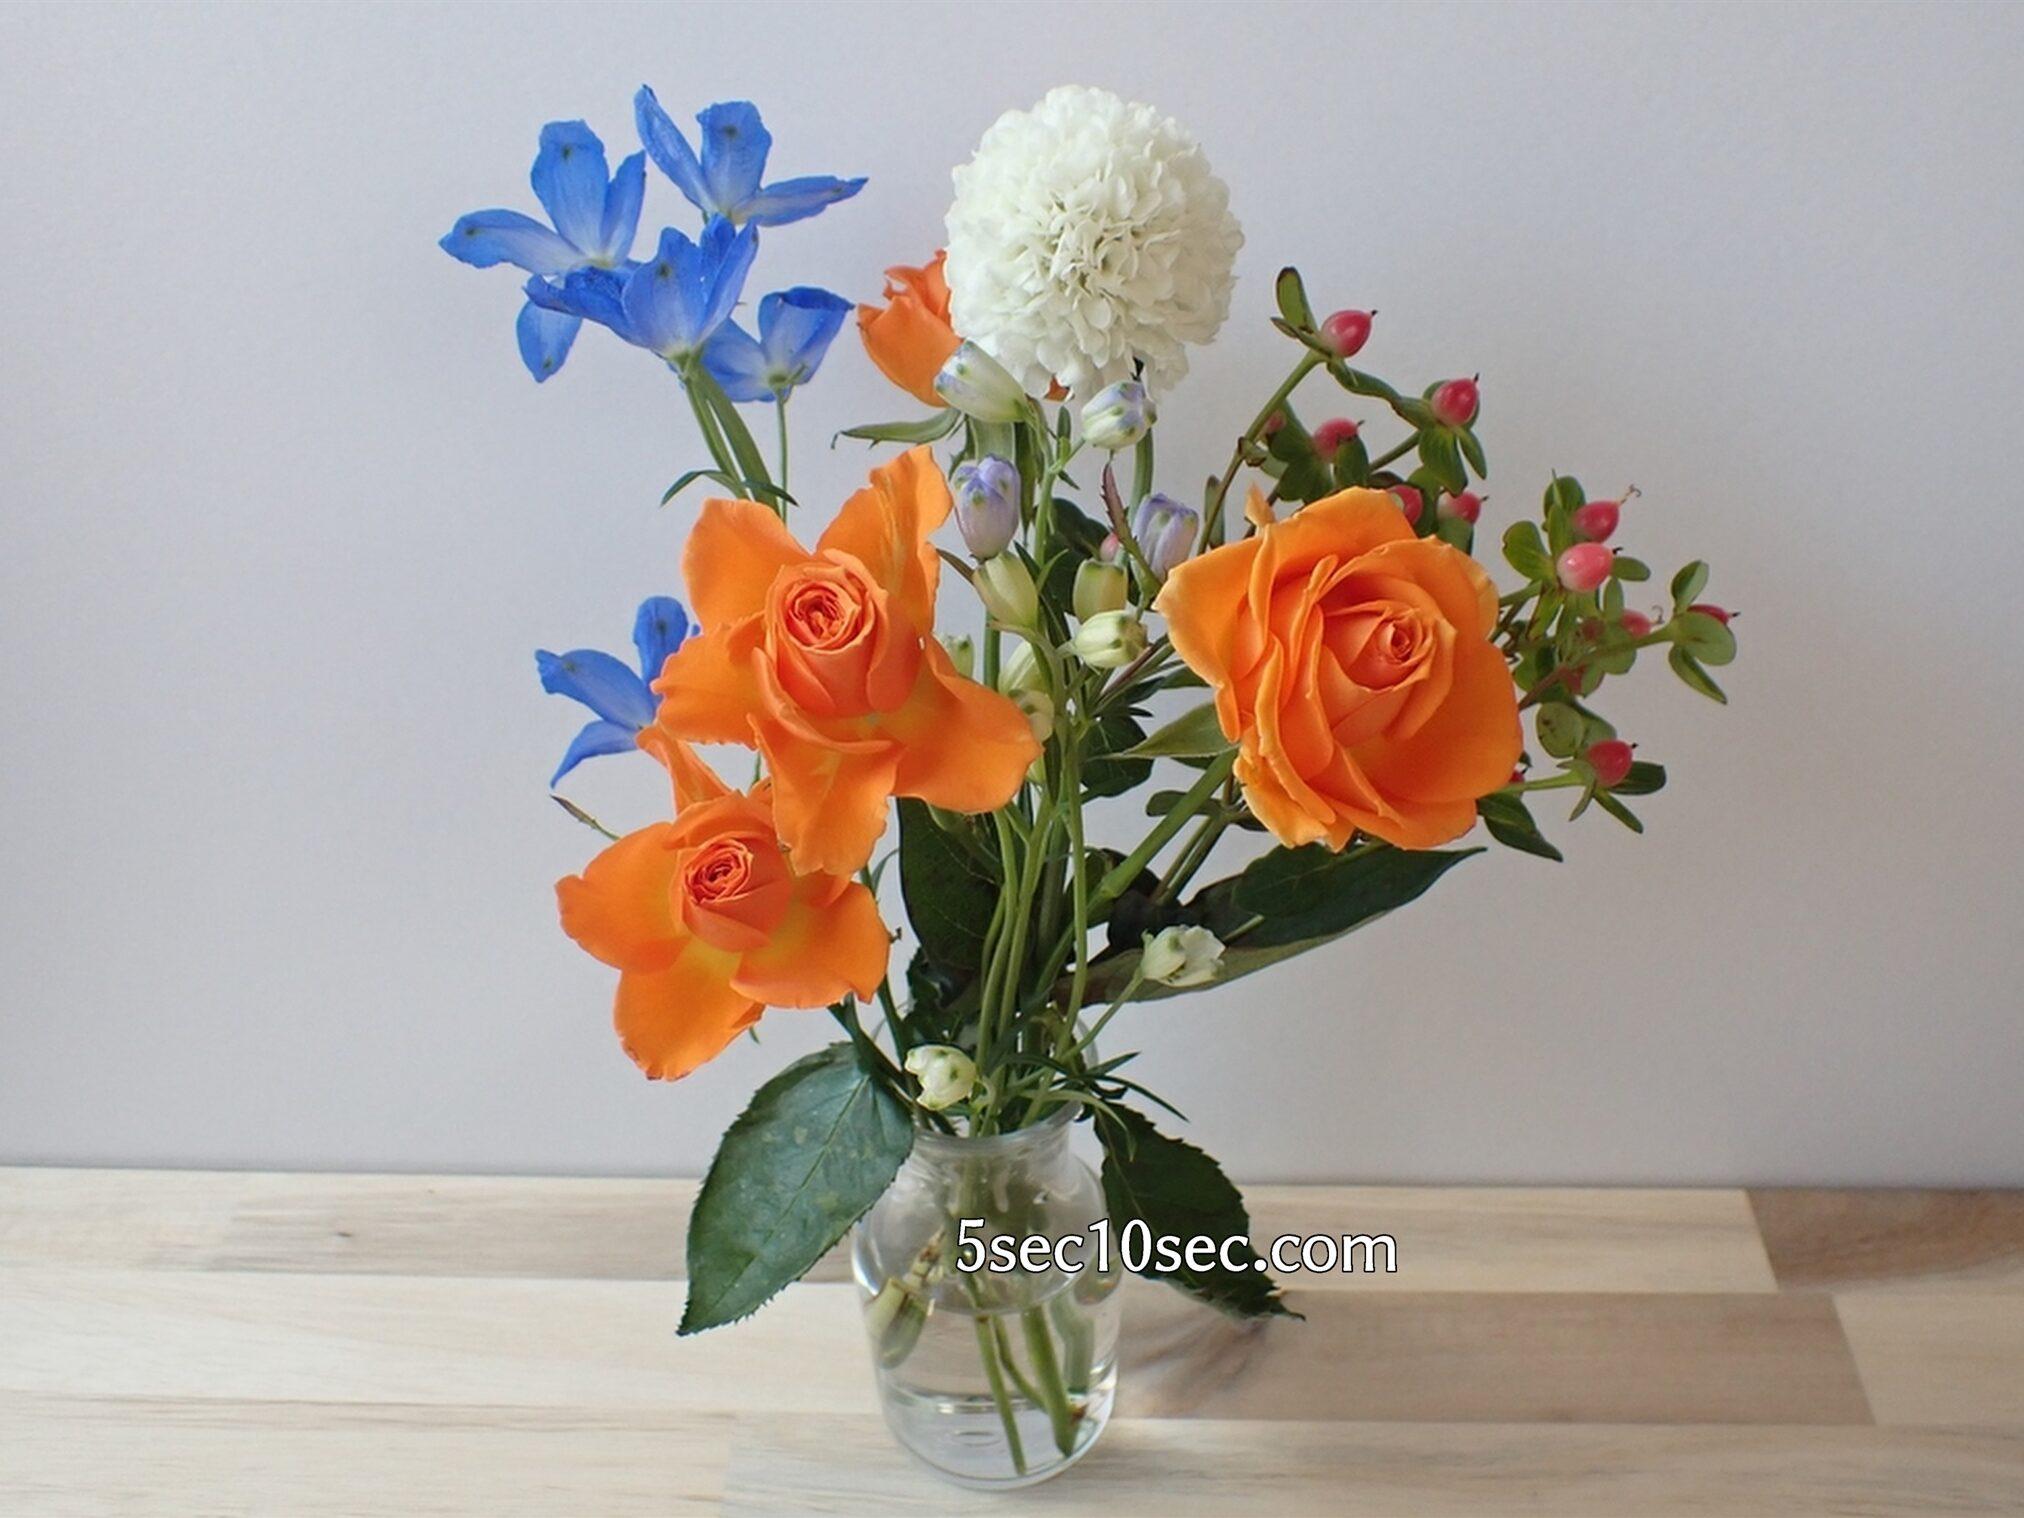 Bloomee LIFE(ブルーミーライフ)レギュラープラン 今週のお花 届いてから9日目の写真